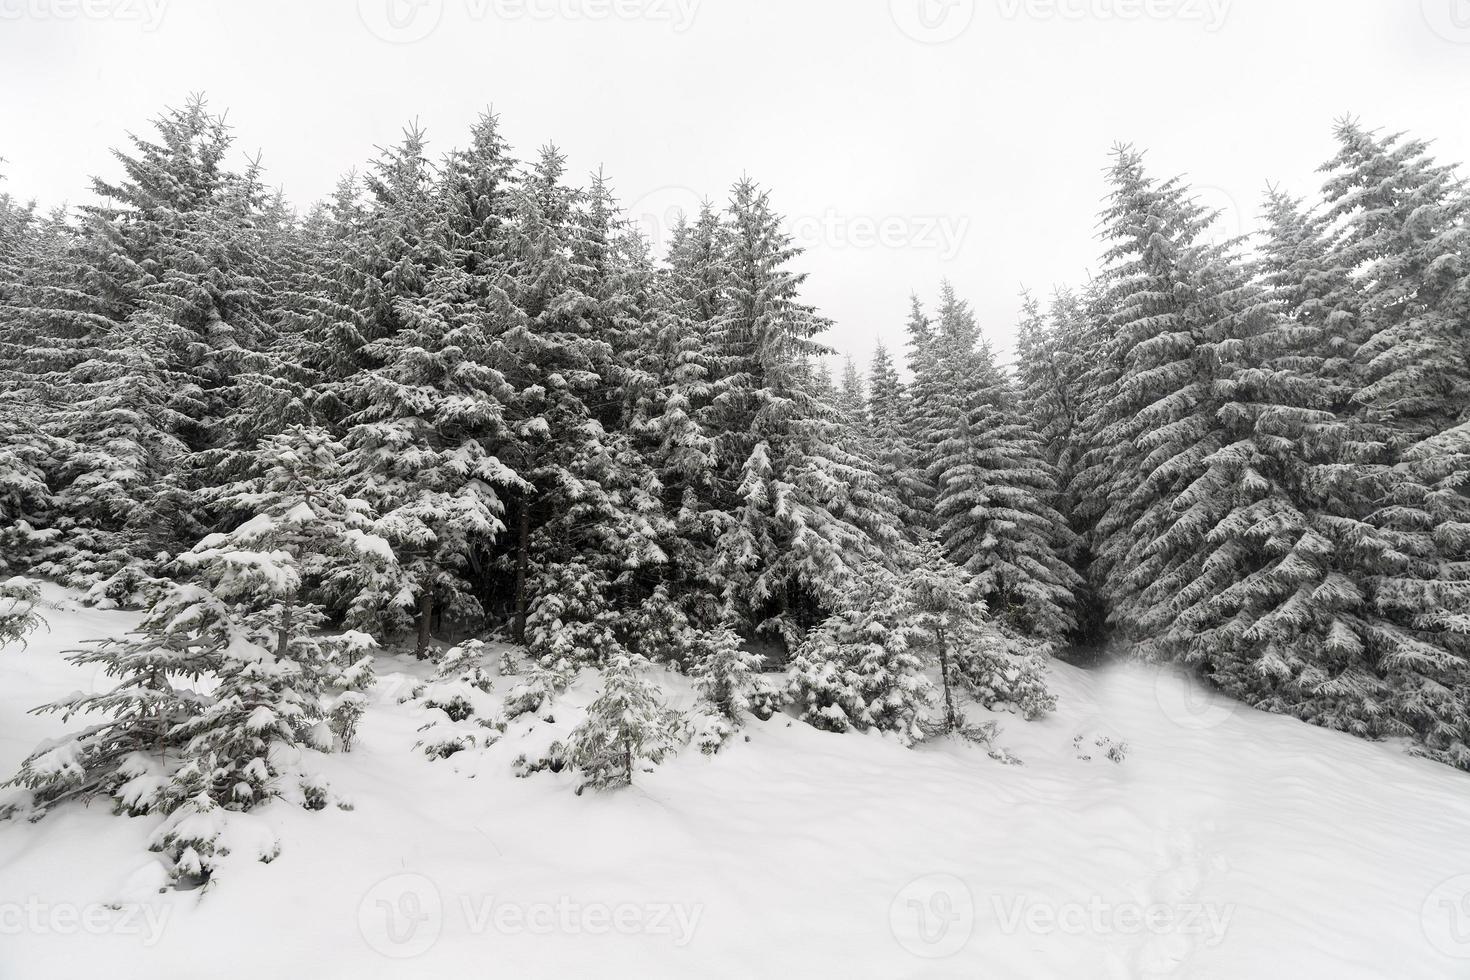 forêt brumeuse d'épinette couverte de neige dans le paysage d'hiver. photo